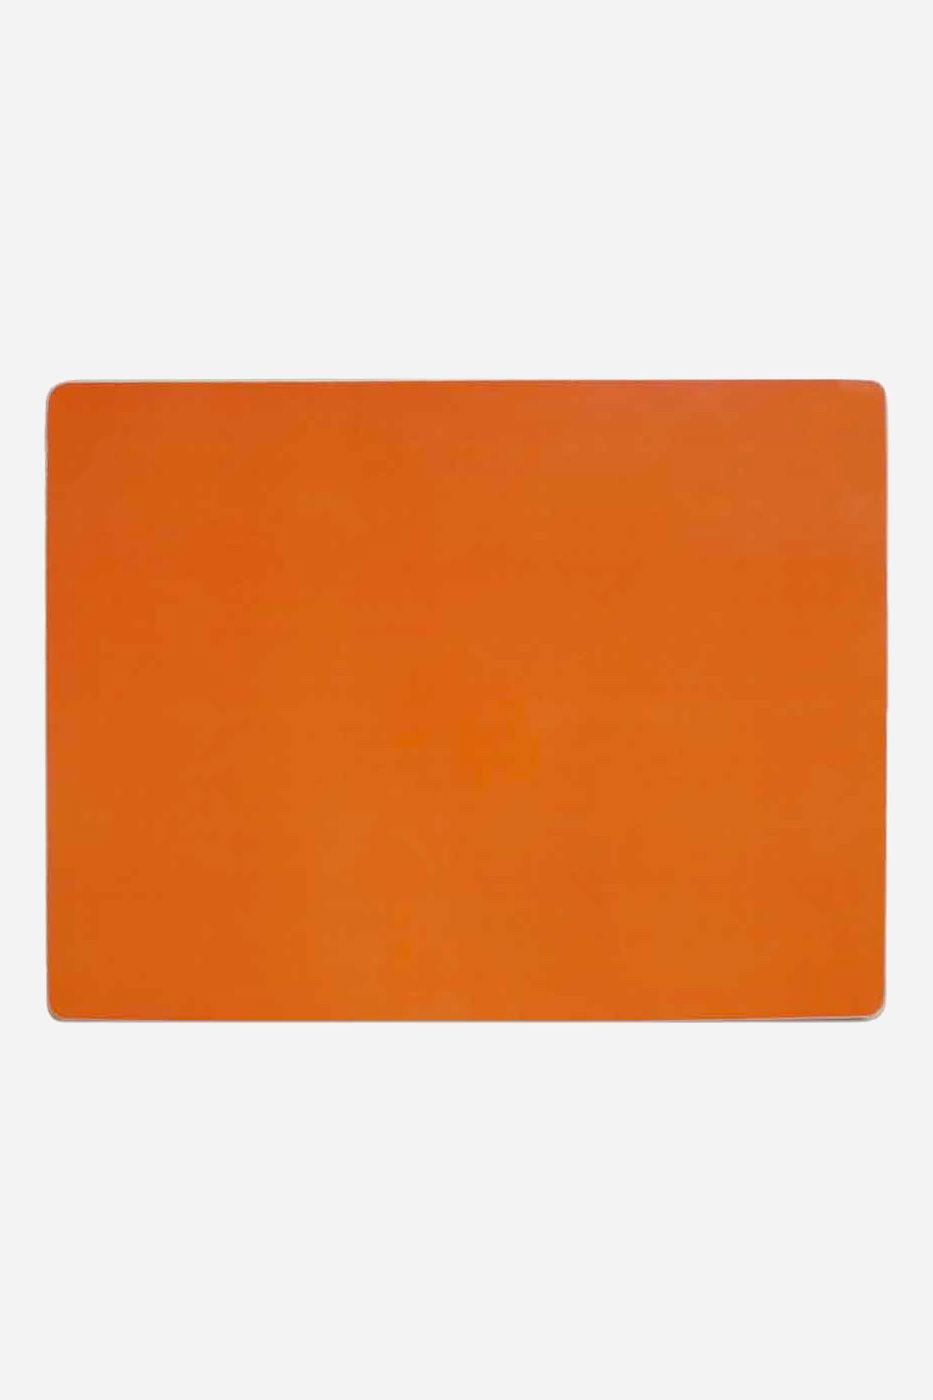 Bordstablett enchanted orange